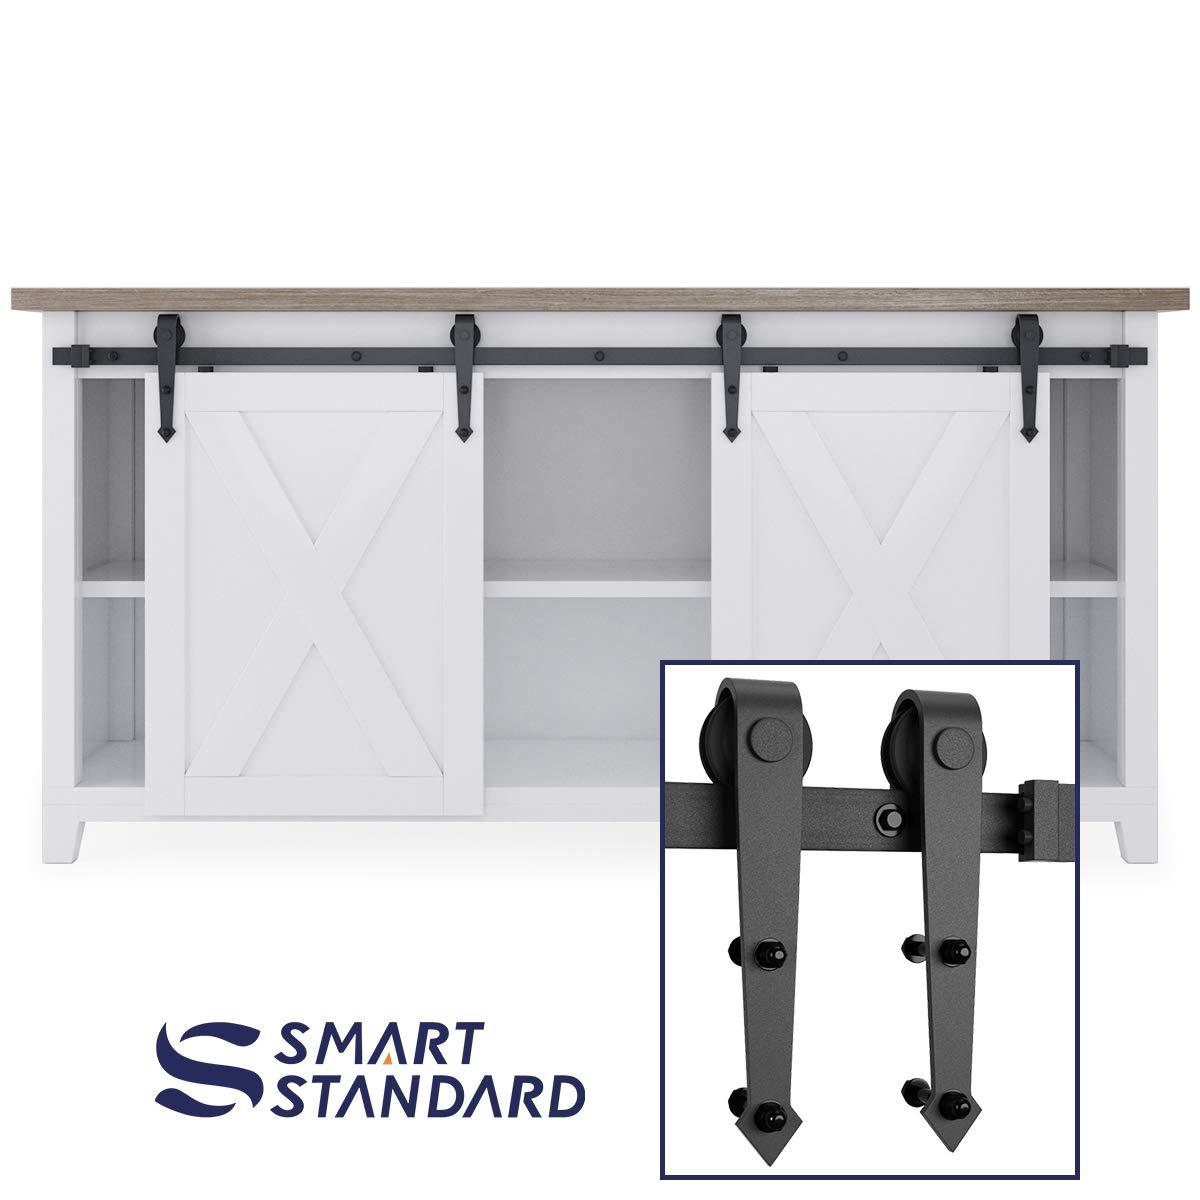 6ft Double Door Cabinet Barn Door Hardware Kit- Mini Sliding Door Hardware - for Cabinet TV Stand - Simple and Easy to Install - Fit 24'' Wide Door Panel (No Cabinet) (Mini Arrow Shape Hangers)